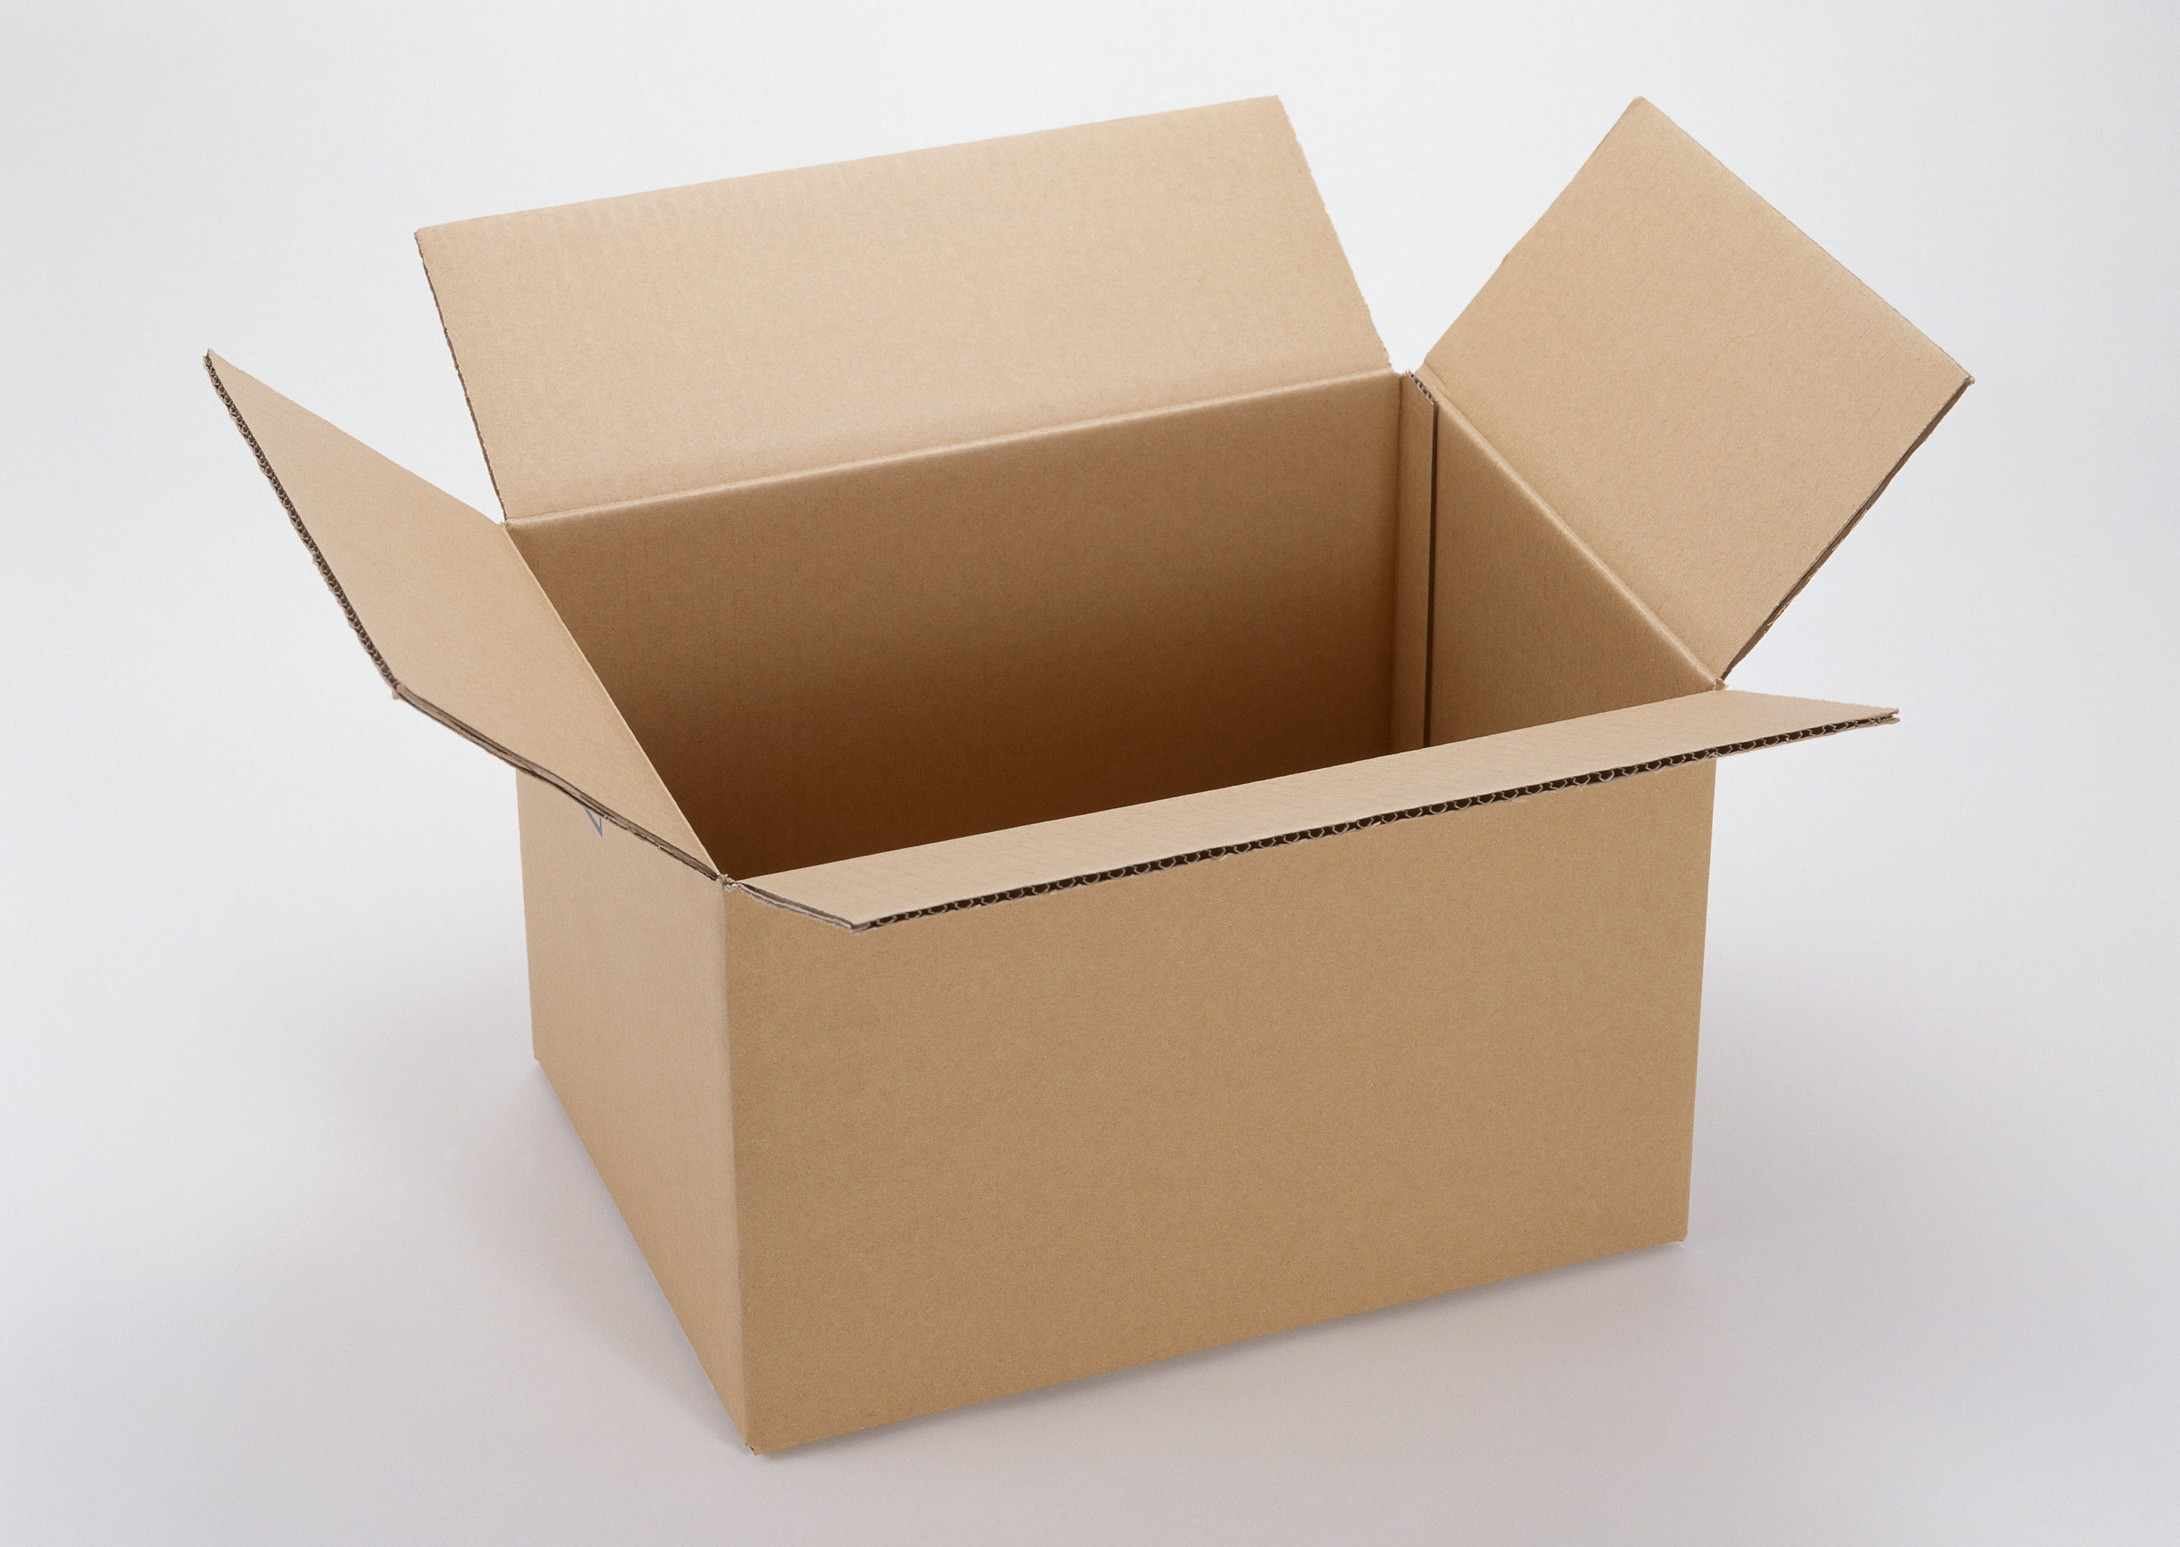 哈尔滨平房区包装厂联系电话_四色印刷色序的先后顺序是什么